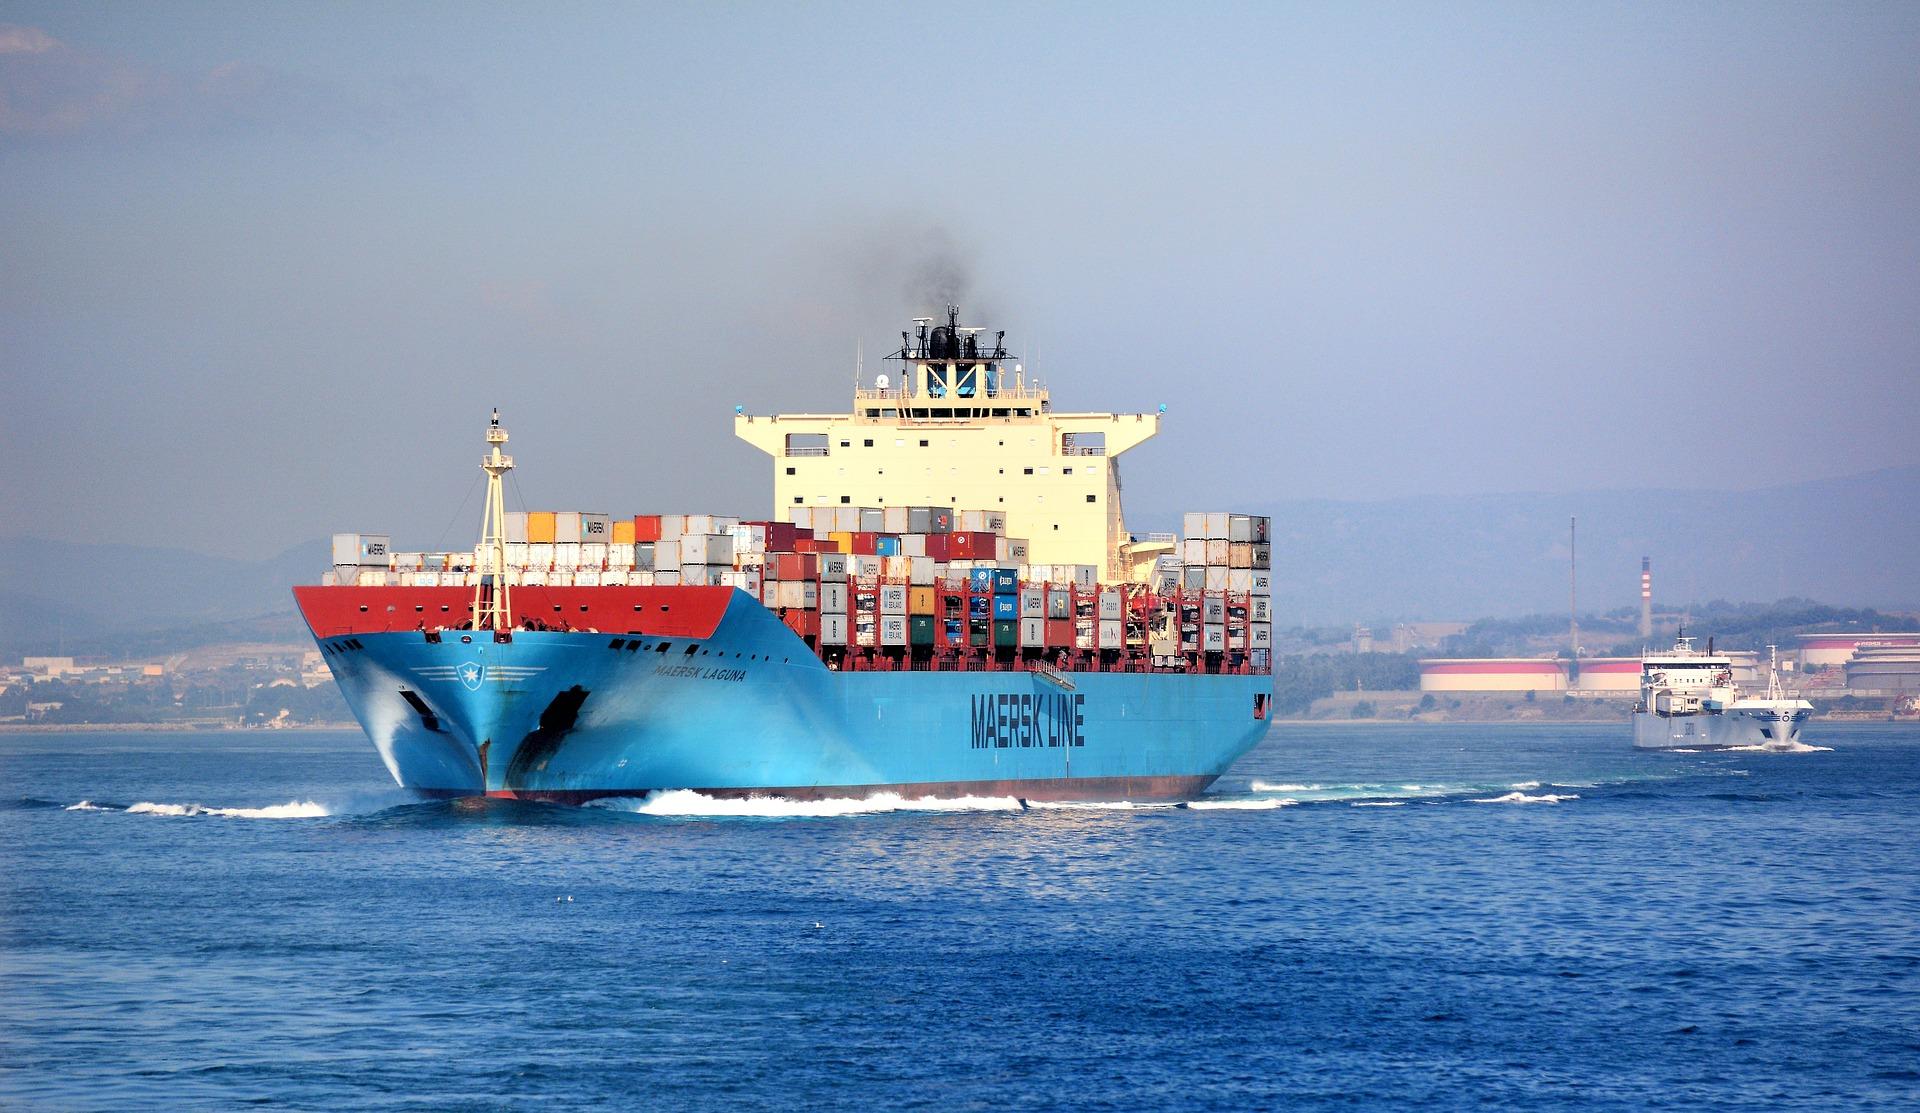 Fonterra junto HSBC y Wave, impulsan con una iniciativa la digitalización de documentos comerciales de la industria de transporte marítimo con tecnología blockchain